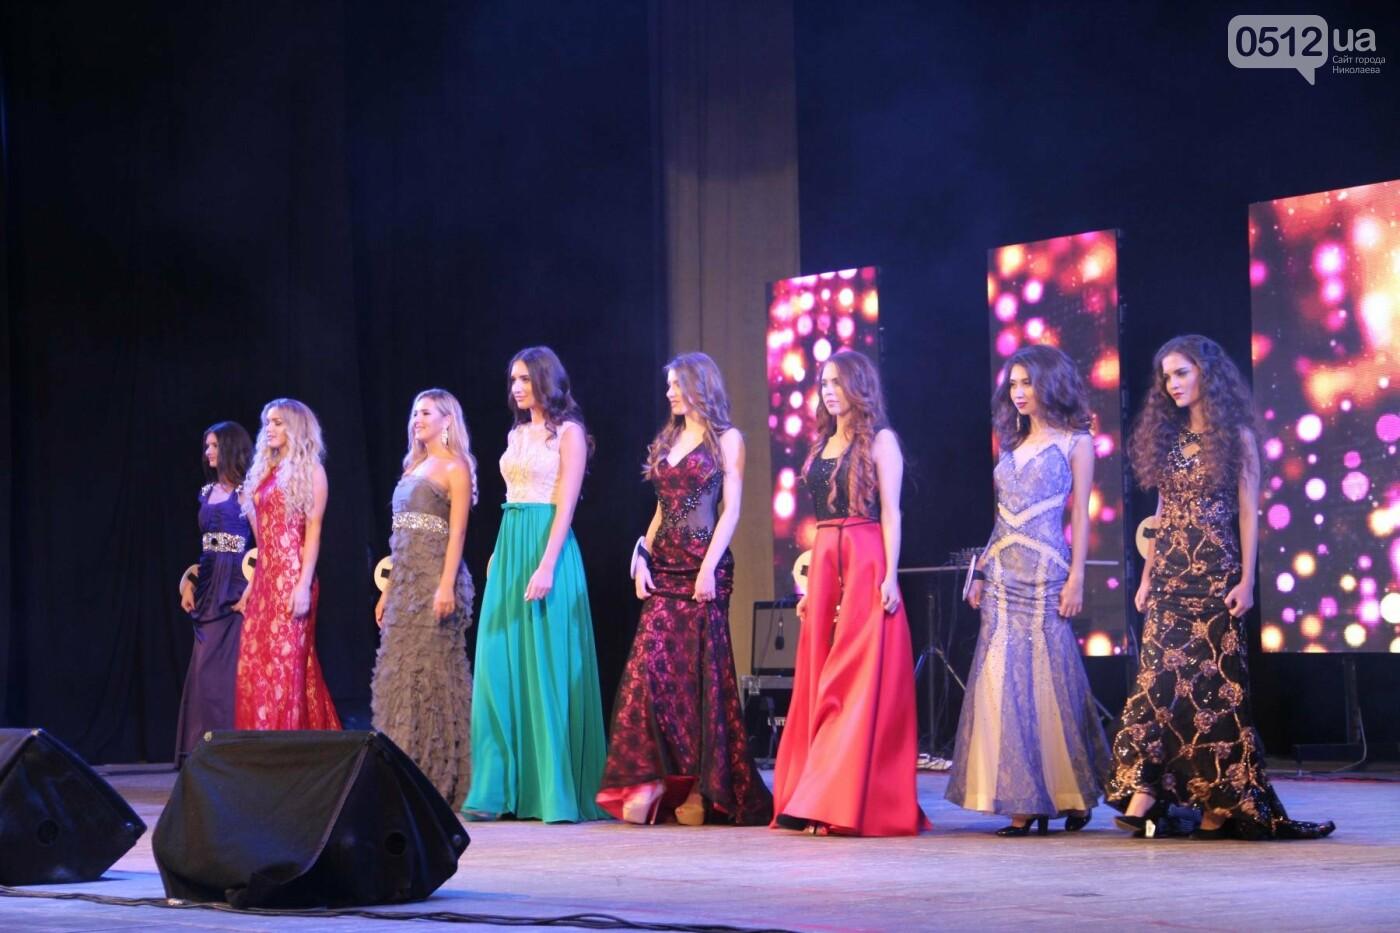 В Николаеве на конкурсе «Miss Top model Ukraine» выбрали самую красивую модель в Украине, - ФОТО, фото-7